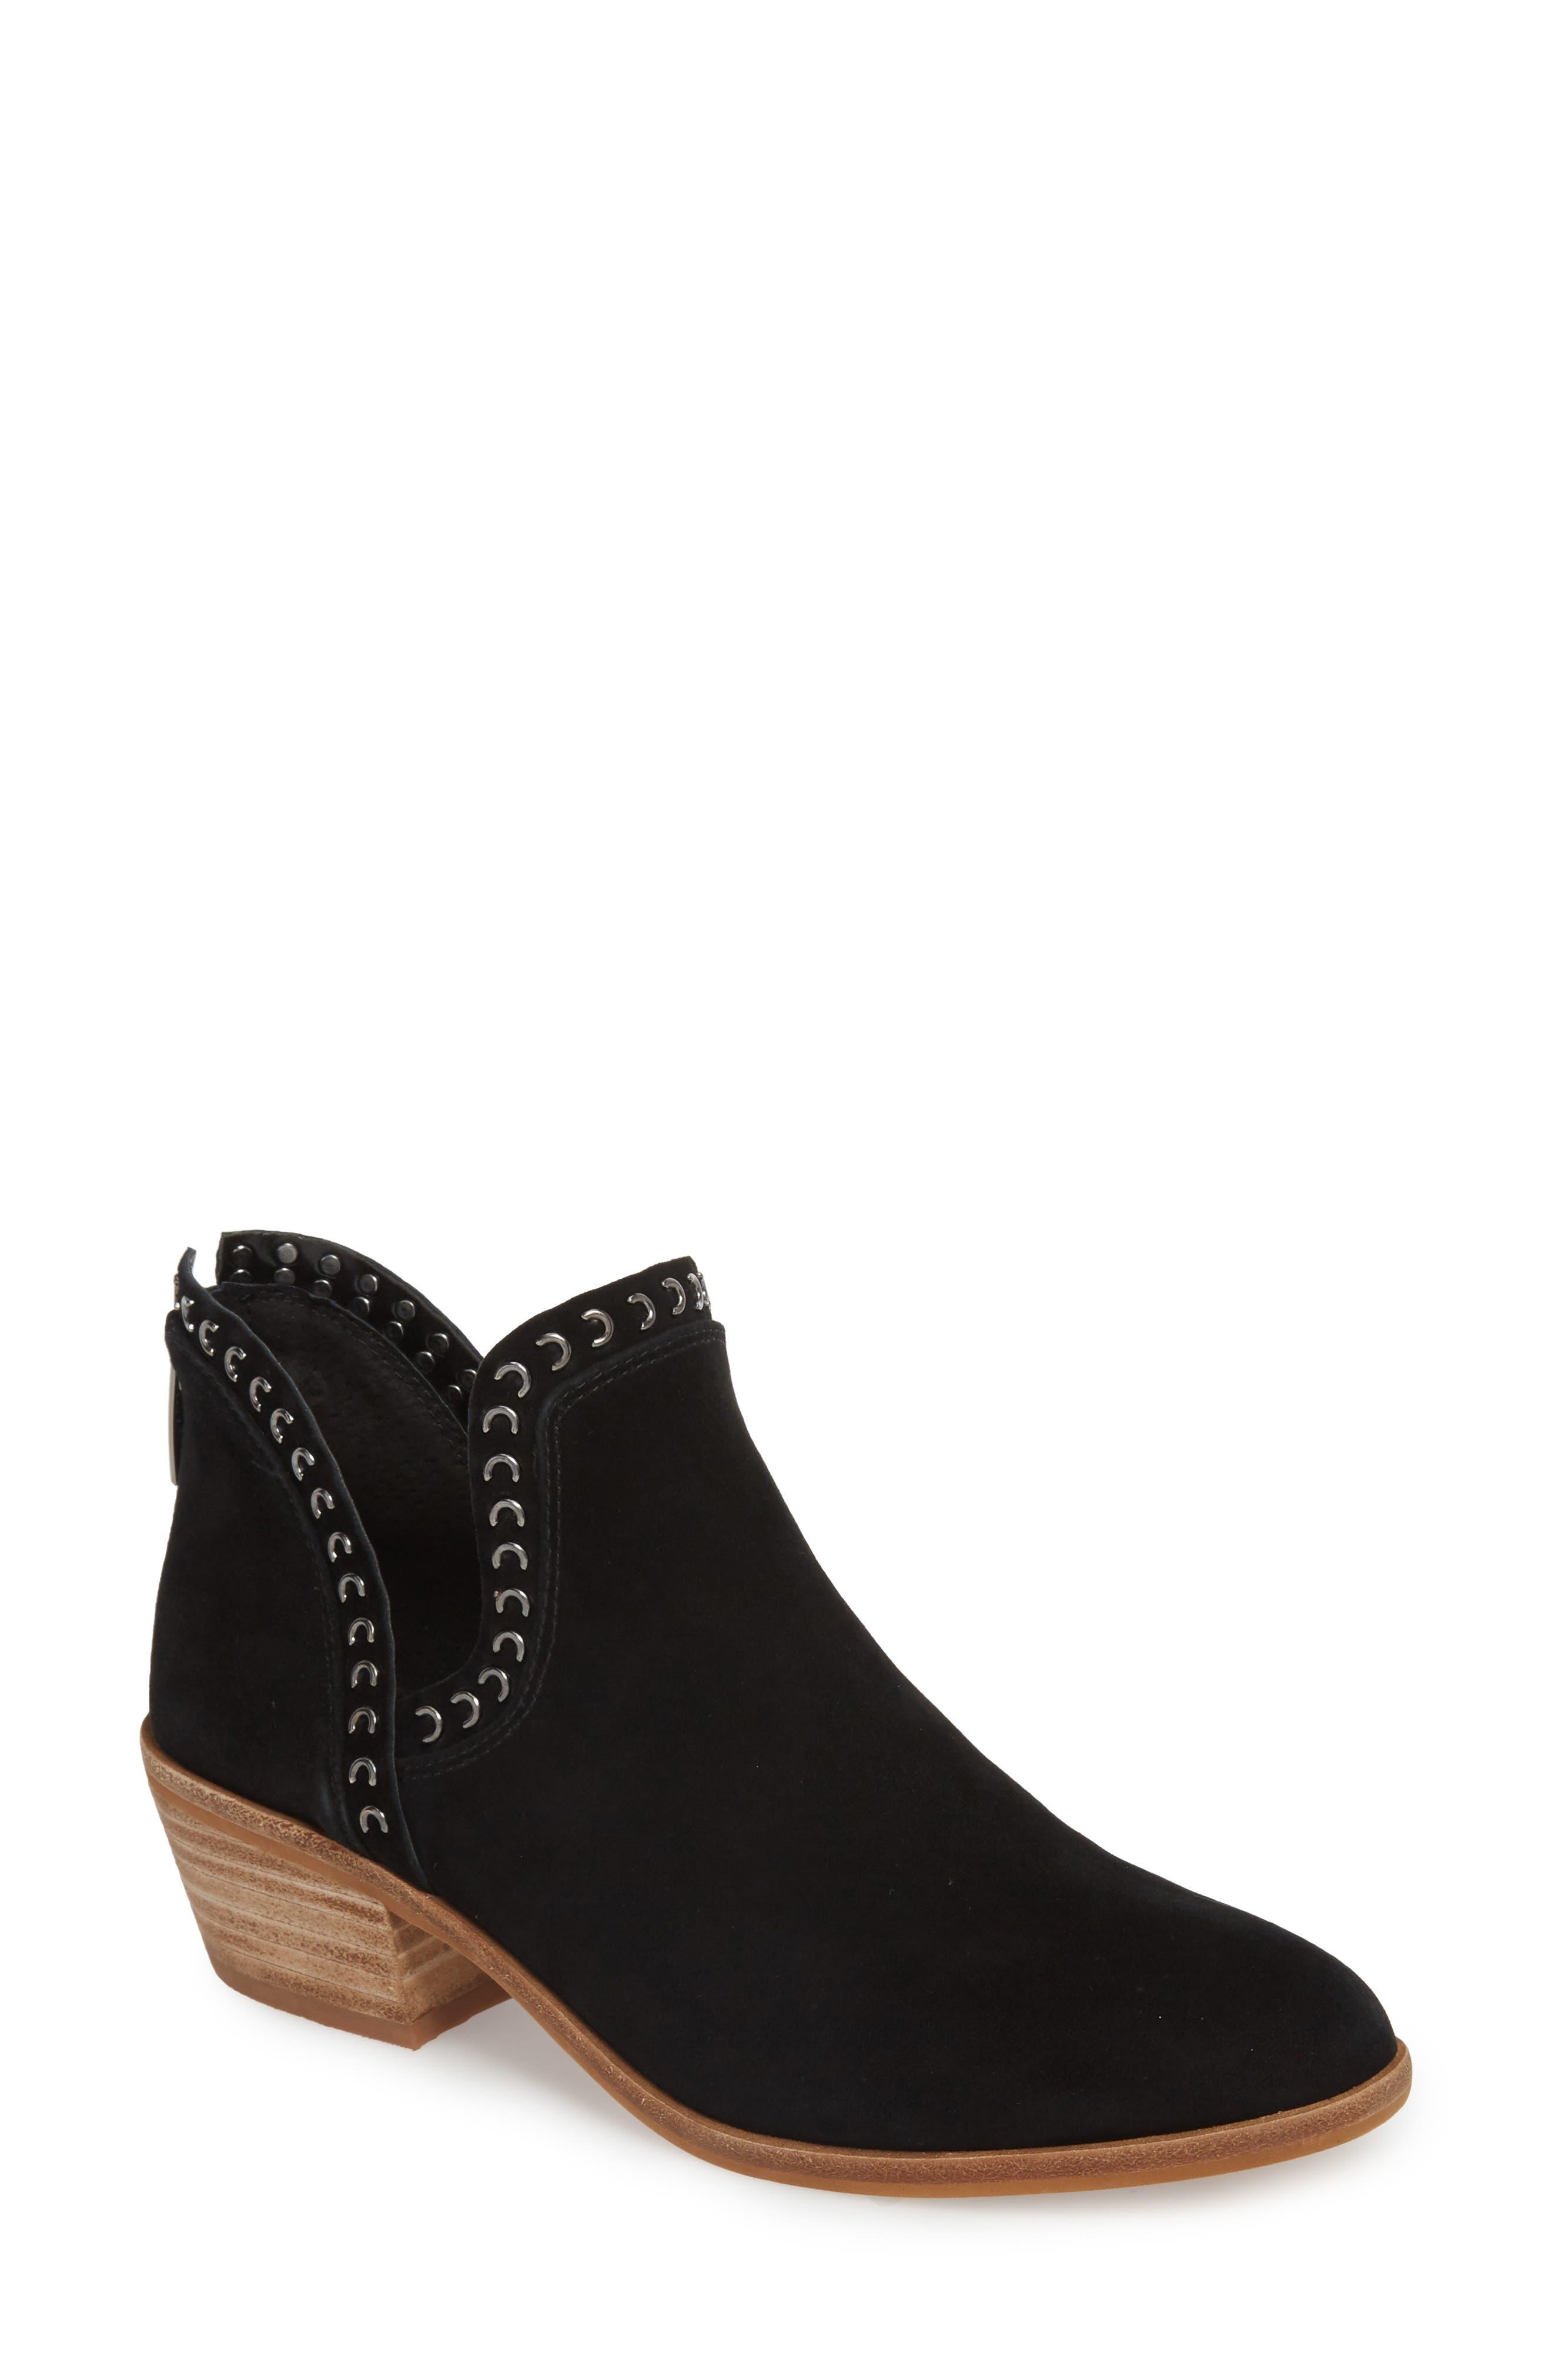 VINCE CAMUTO Prafinta Boot, Main, color, BLACK SUEDE